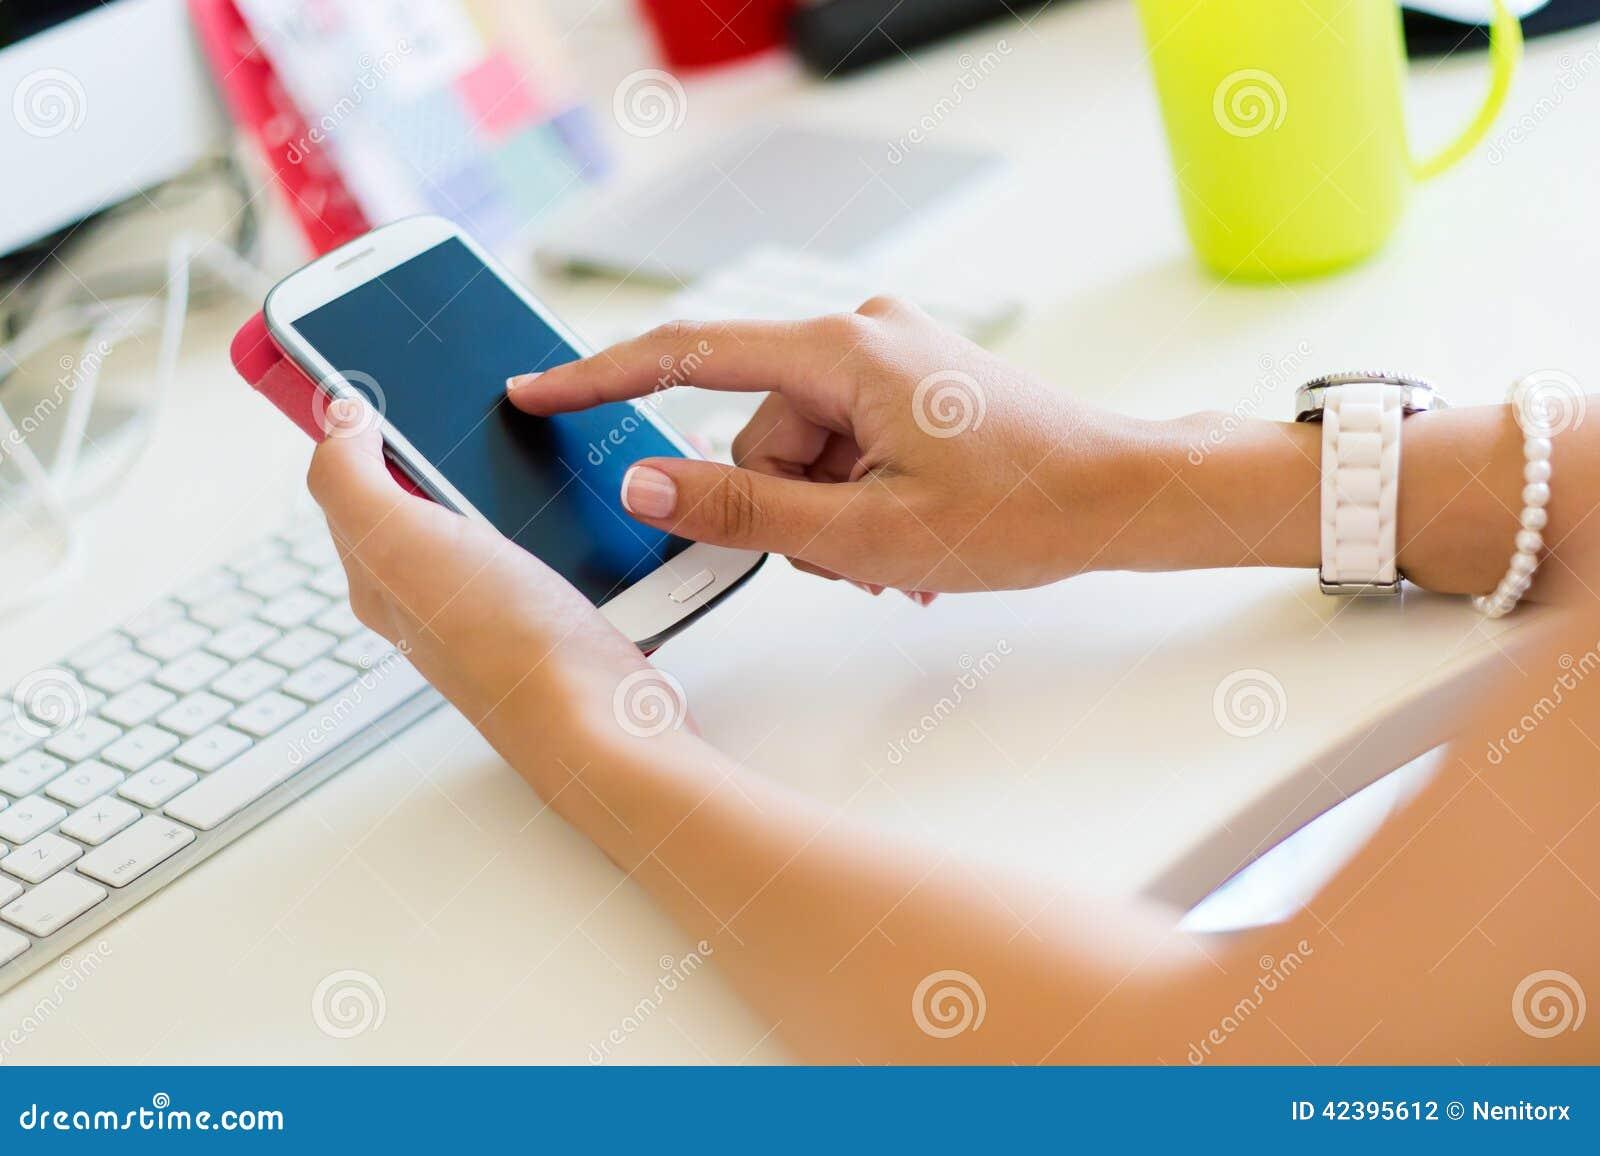 Téléphone portable dans la main d une femme Image d intérieur